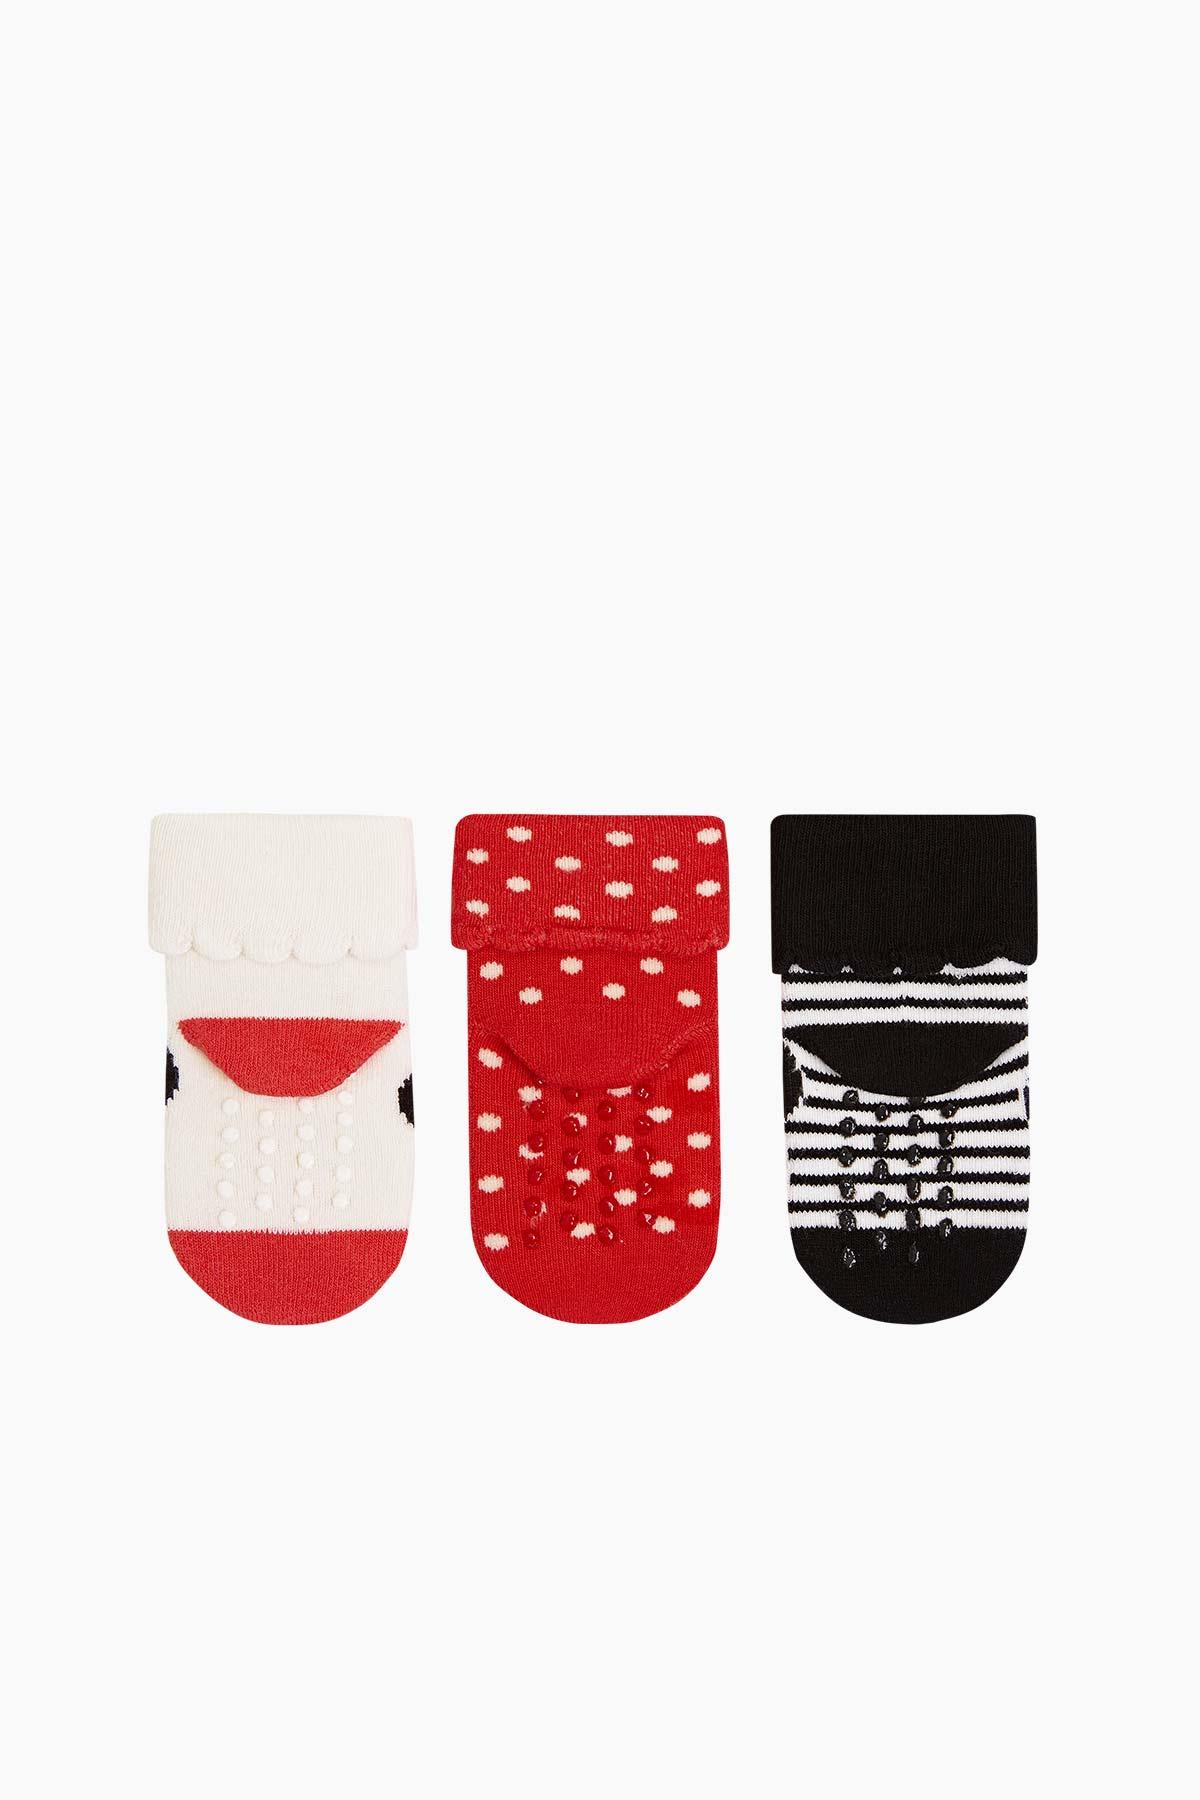 Bross 3'lü Paket Minnie Desenli Taban Altı Kaydırmaz Baskılı Havlu Bebek Çorabı - Thumbnail